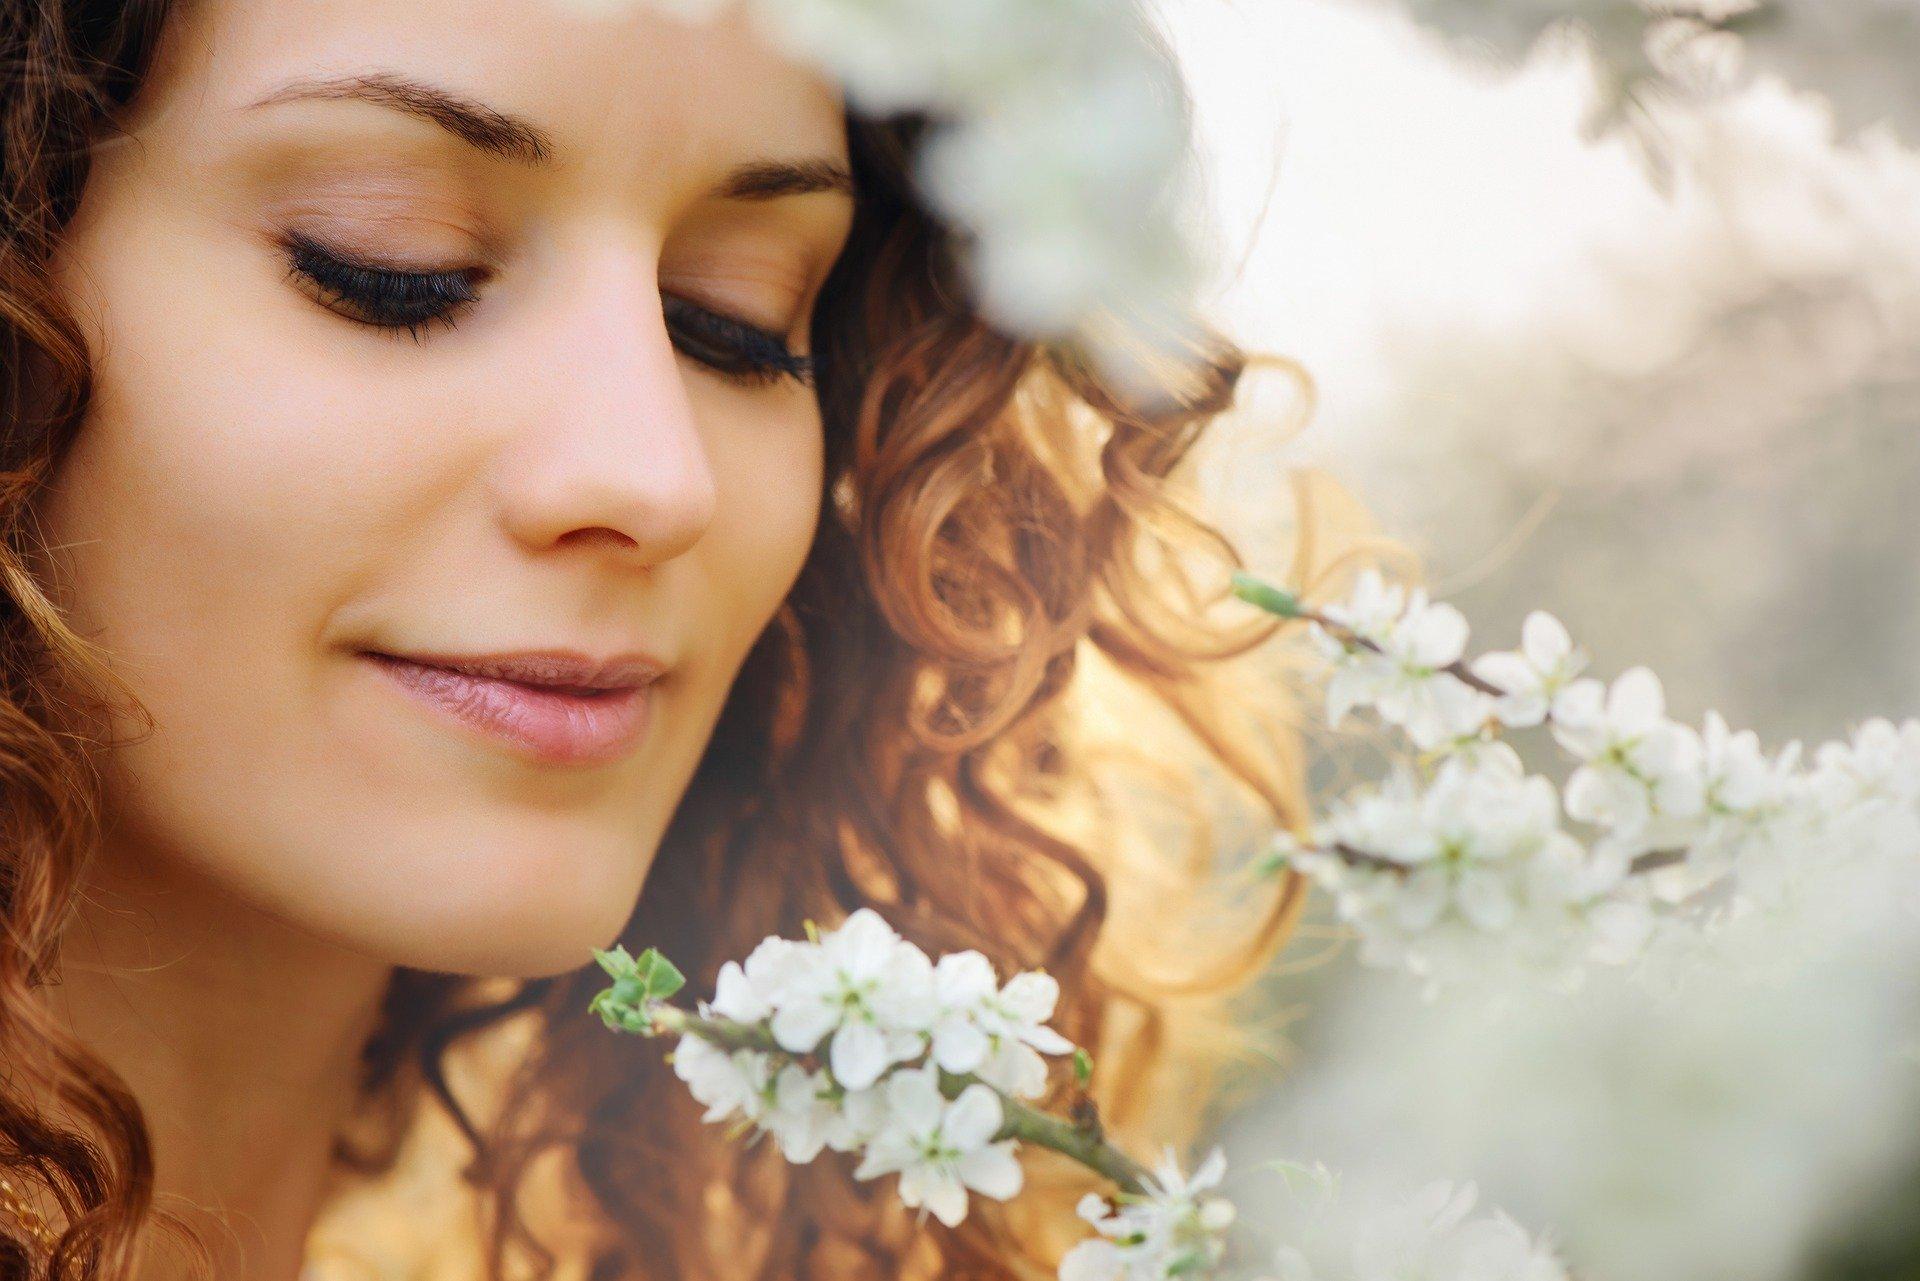 40代既婚女性がかわいい魅力とは?モテるアラフォー既婚女性が年下男性に惚れられるわけ